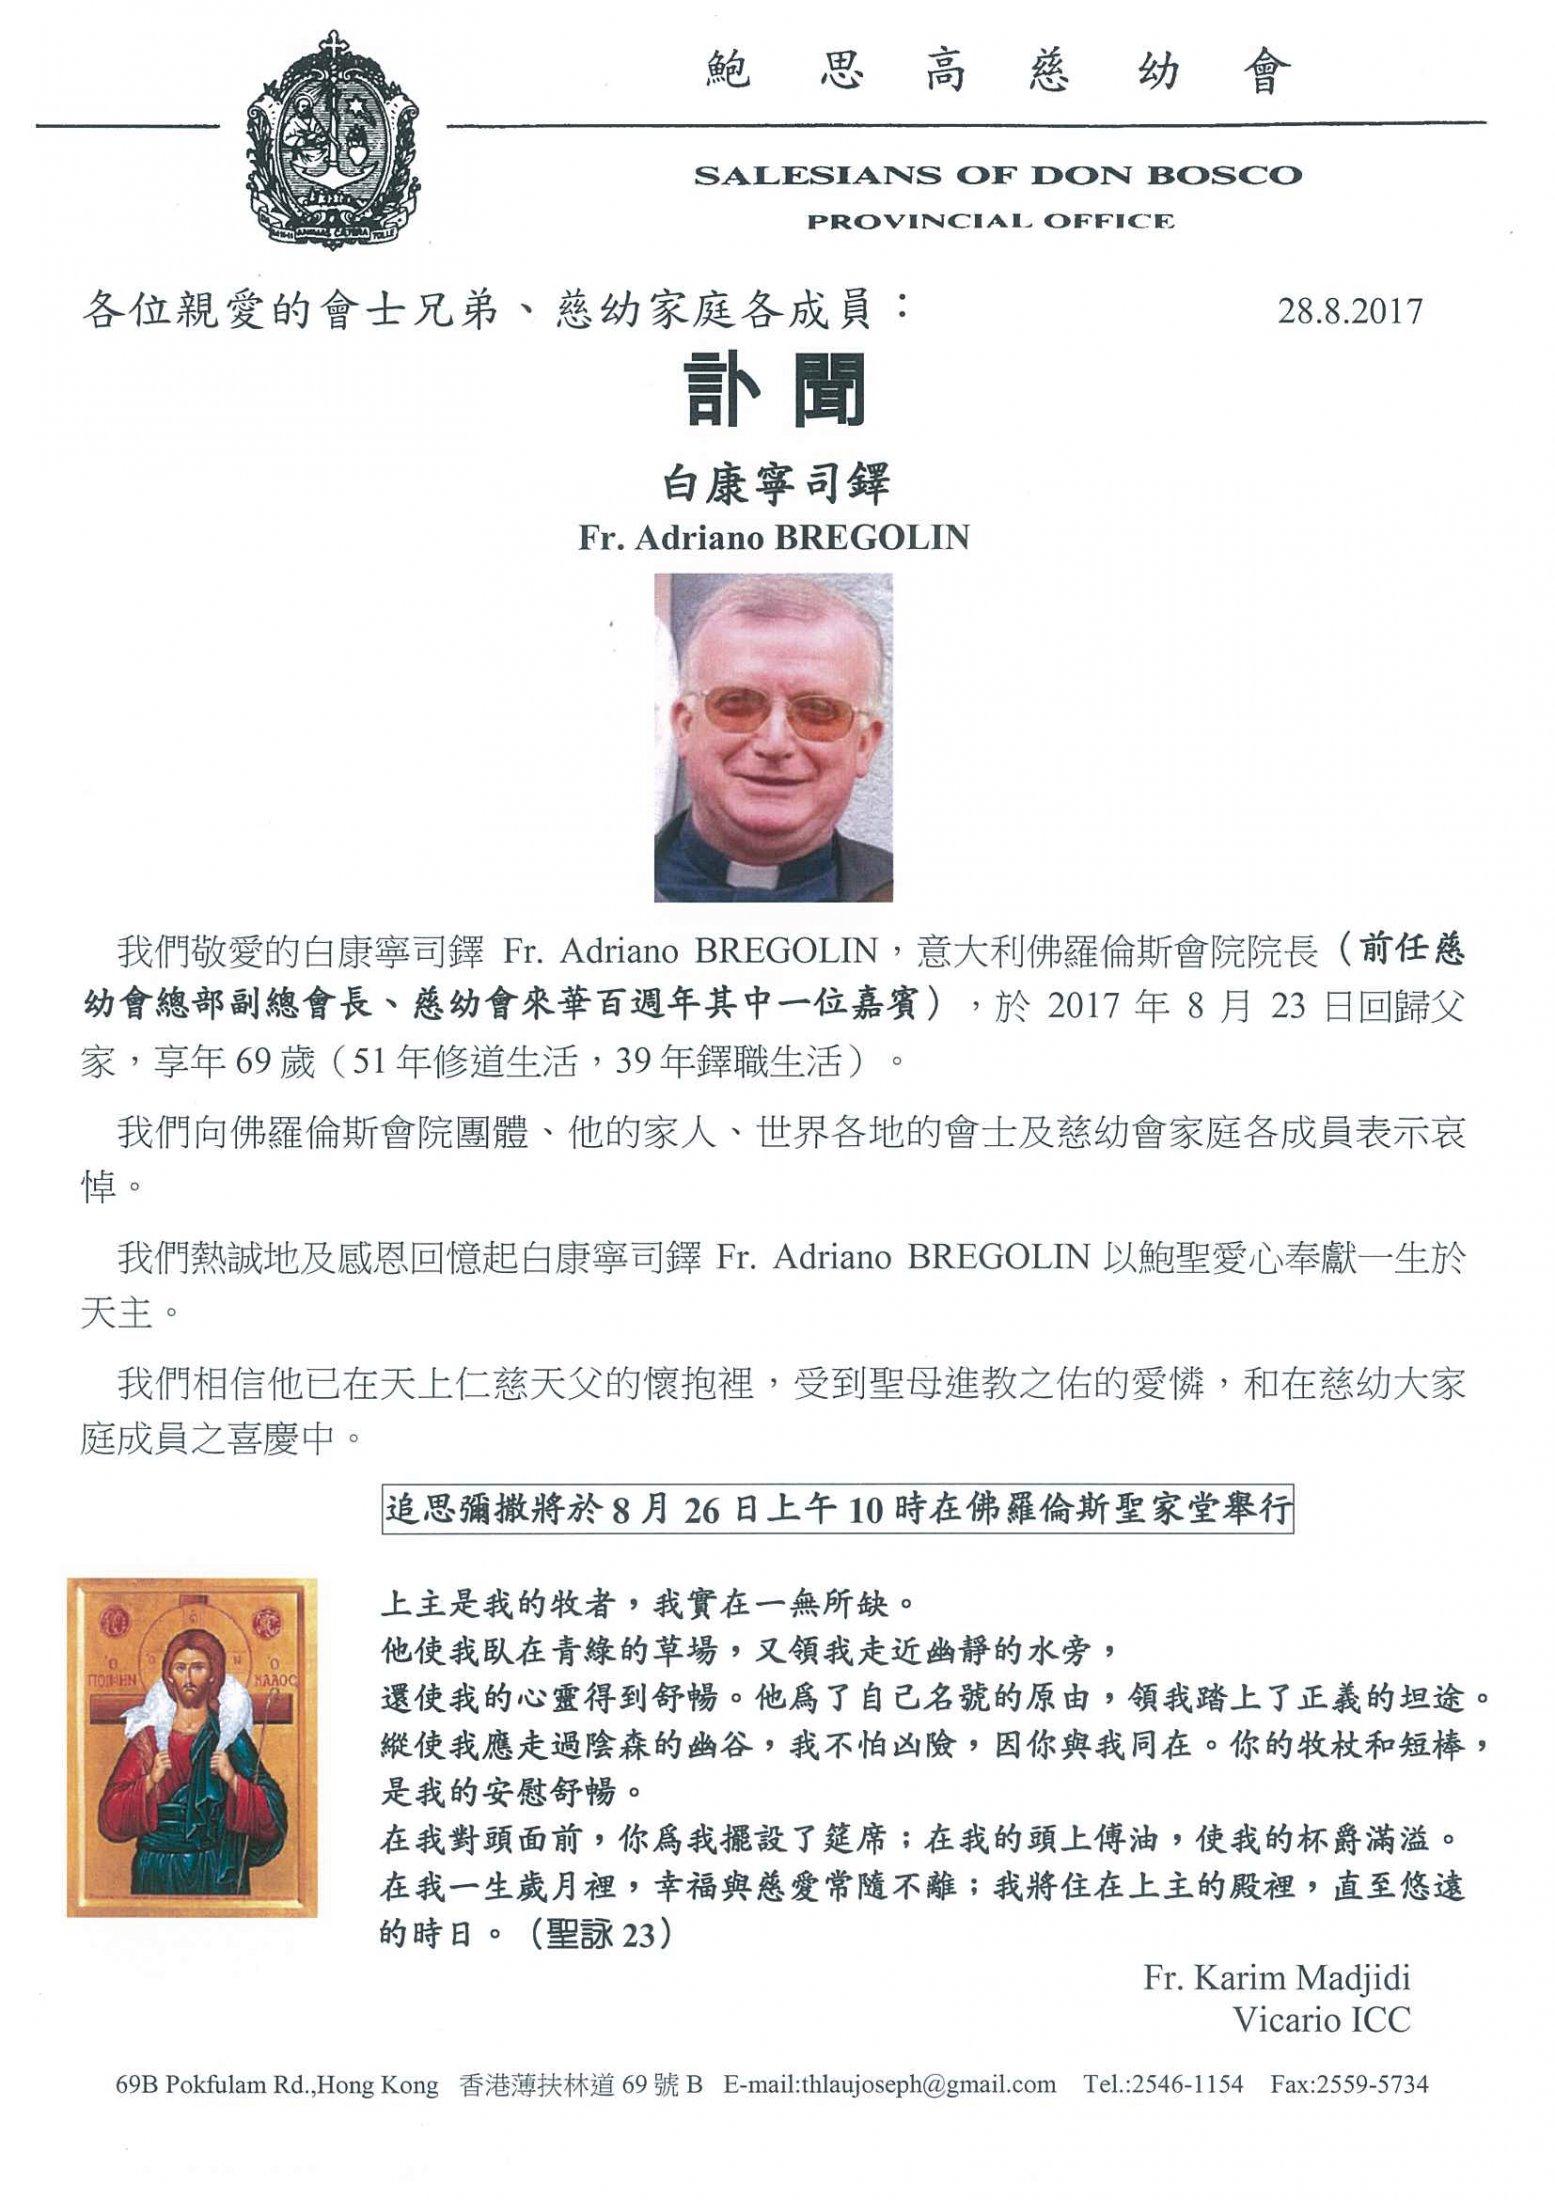 訃聞 前慈幼會副總會長白康寧司鐸 Fr. Adriano BREGOLIN安息主懷 Page 1